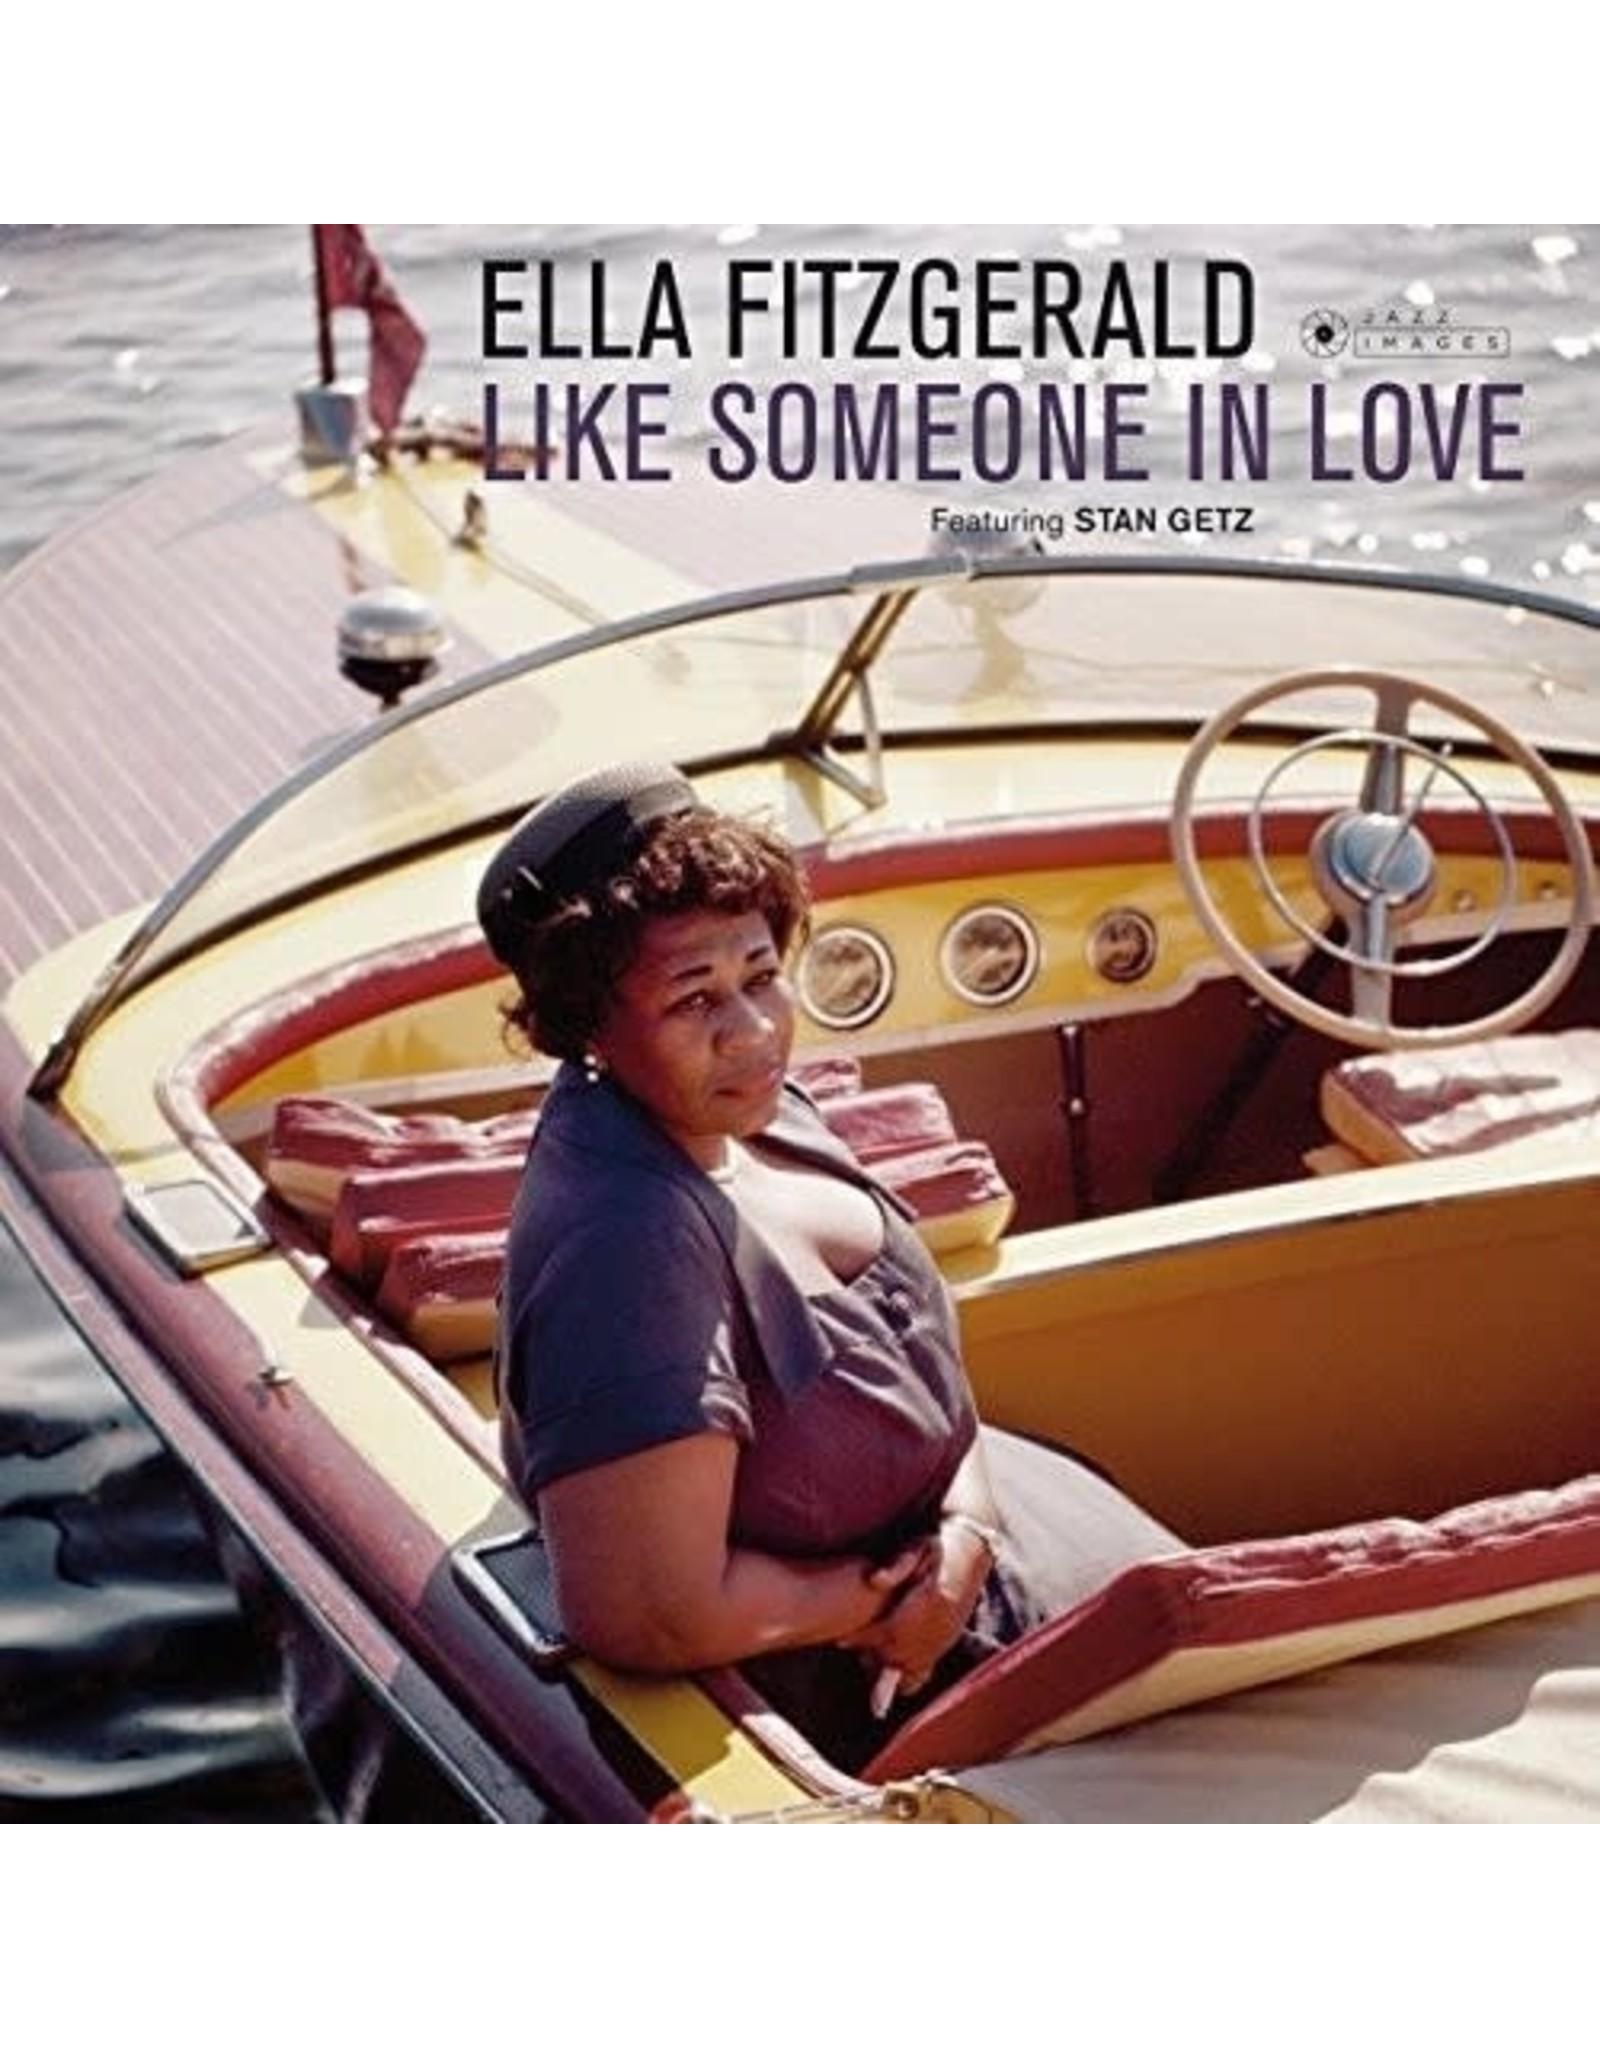 New Vinyl Ella Fitzgerald - Like Someone In Love LP